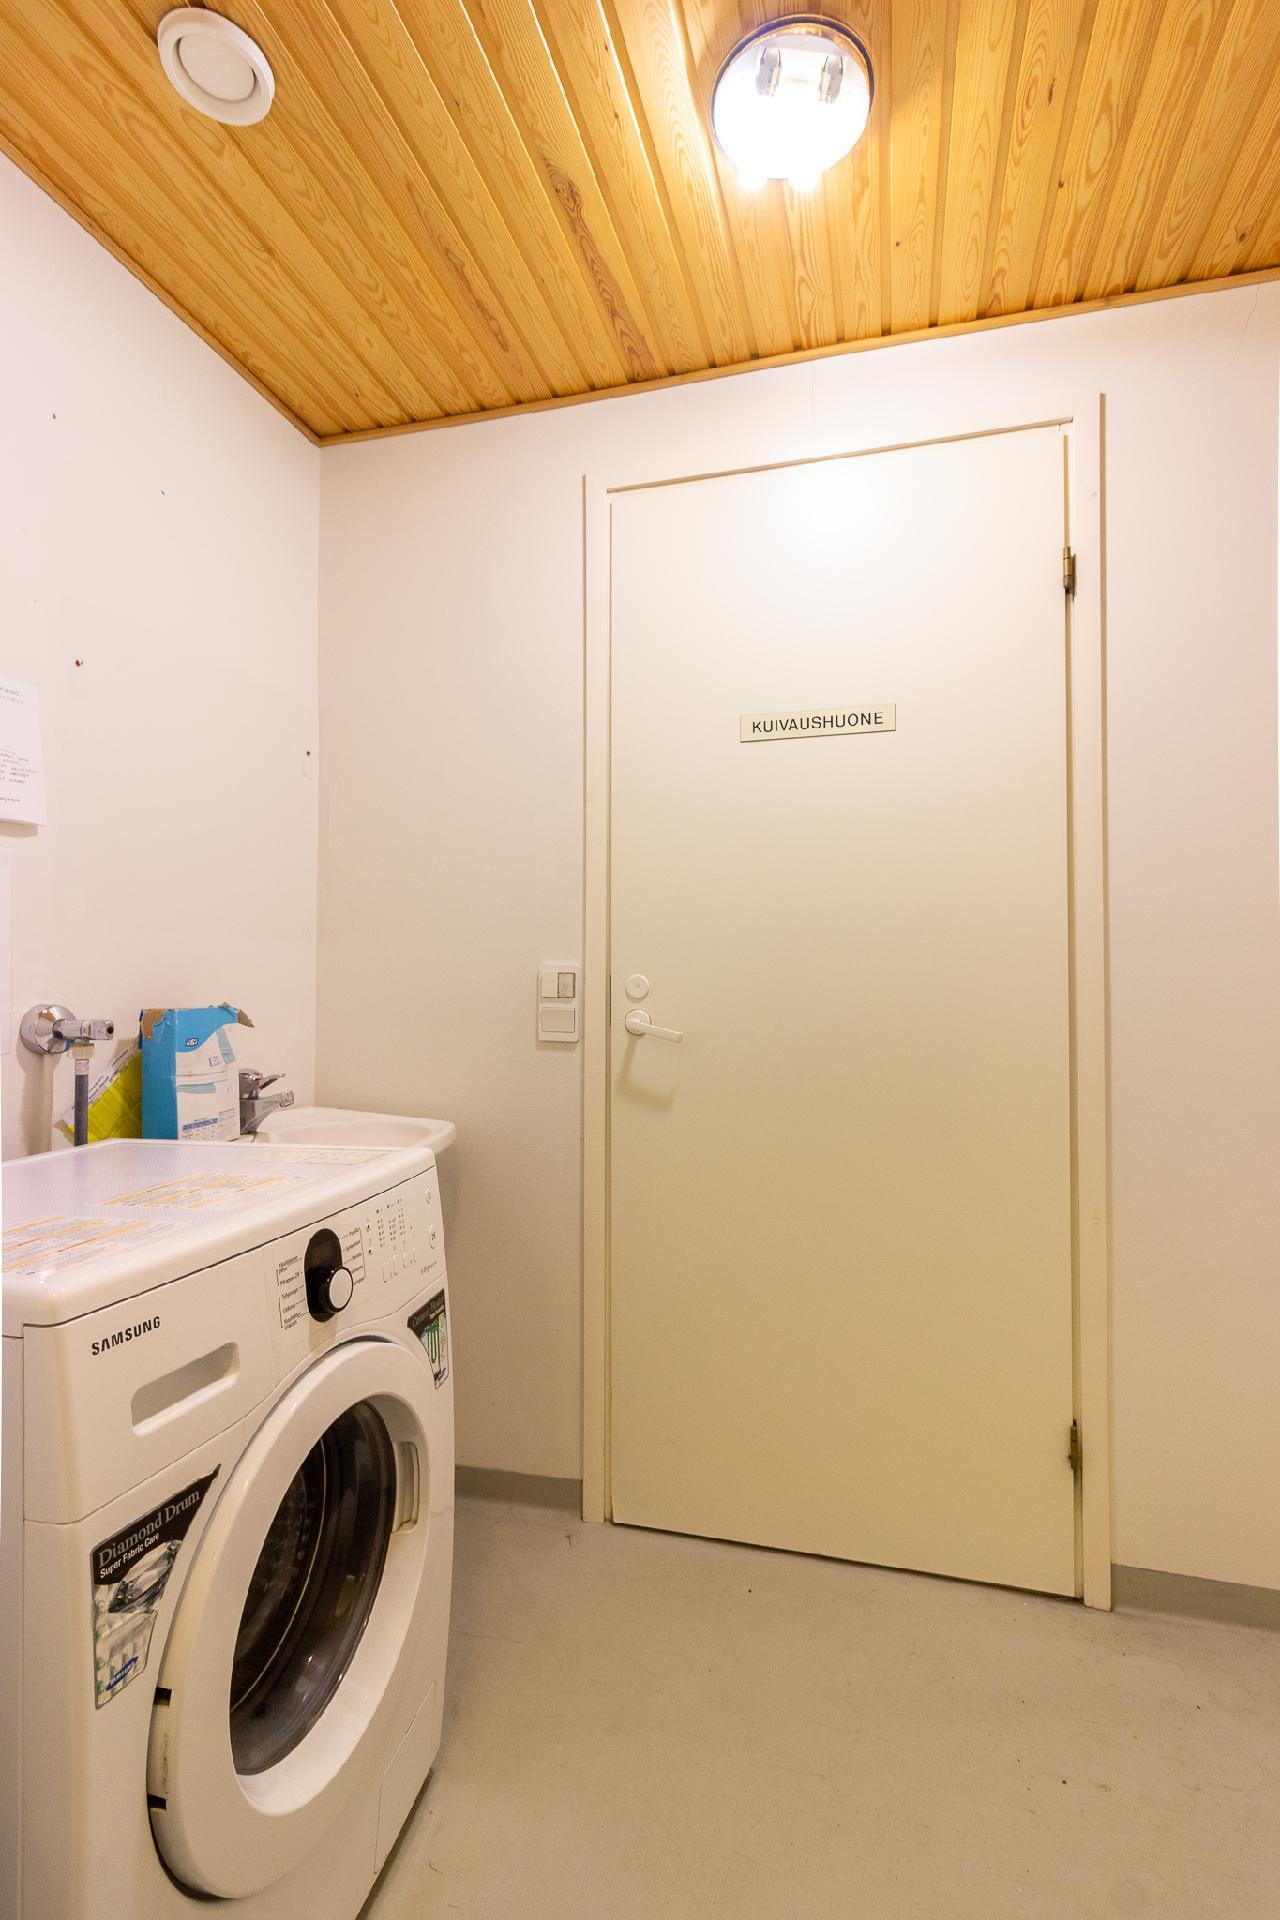 Yleinen pyykinpesuhuone